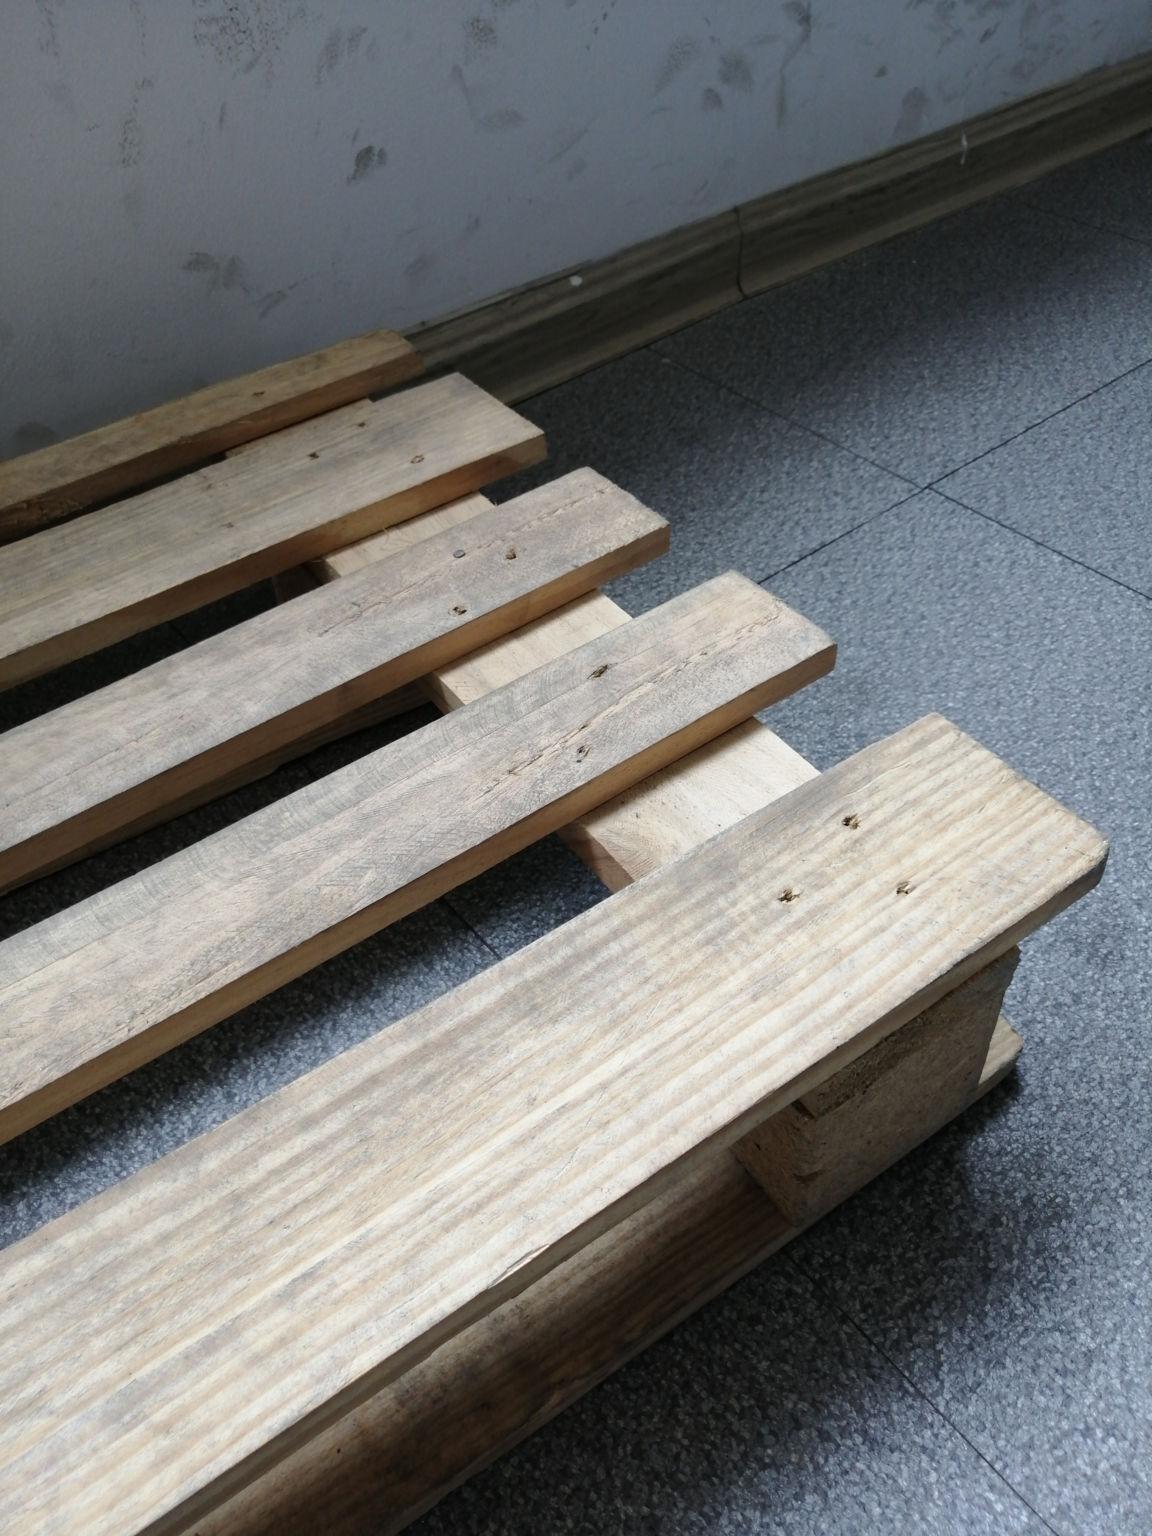 定做各种木托盘厂家-定做各种木托盘厂家、公司、?,ⅼ⒳?业